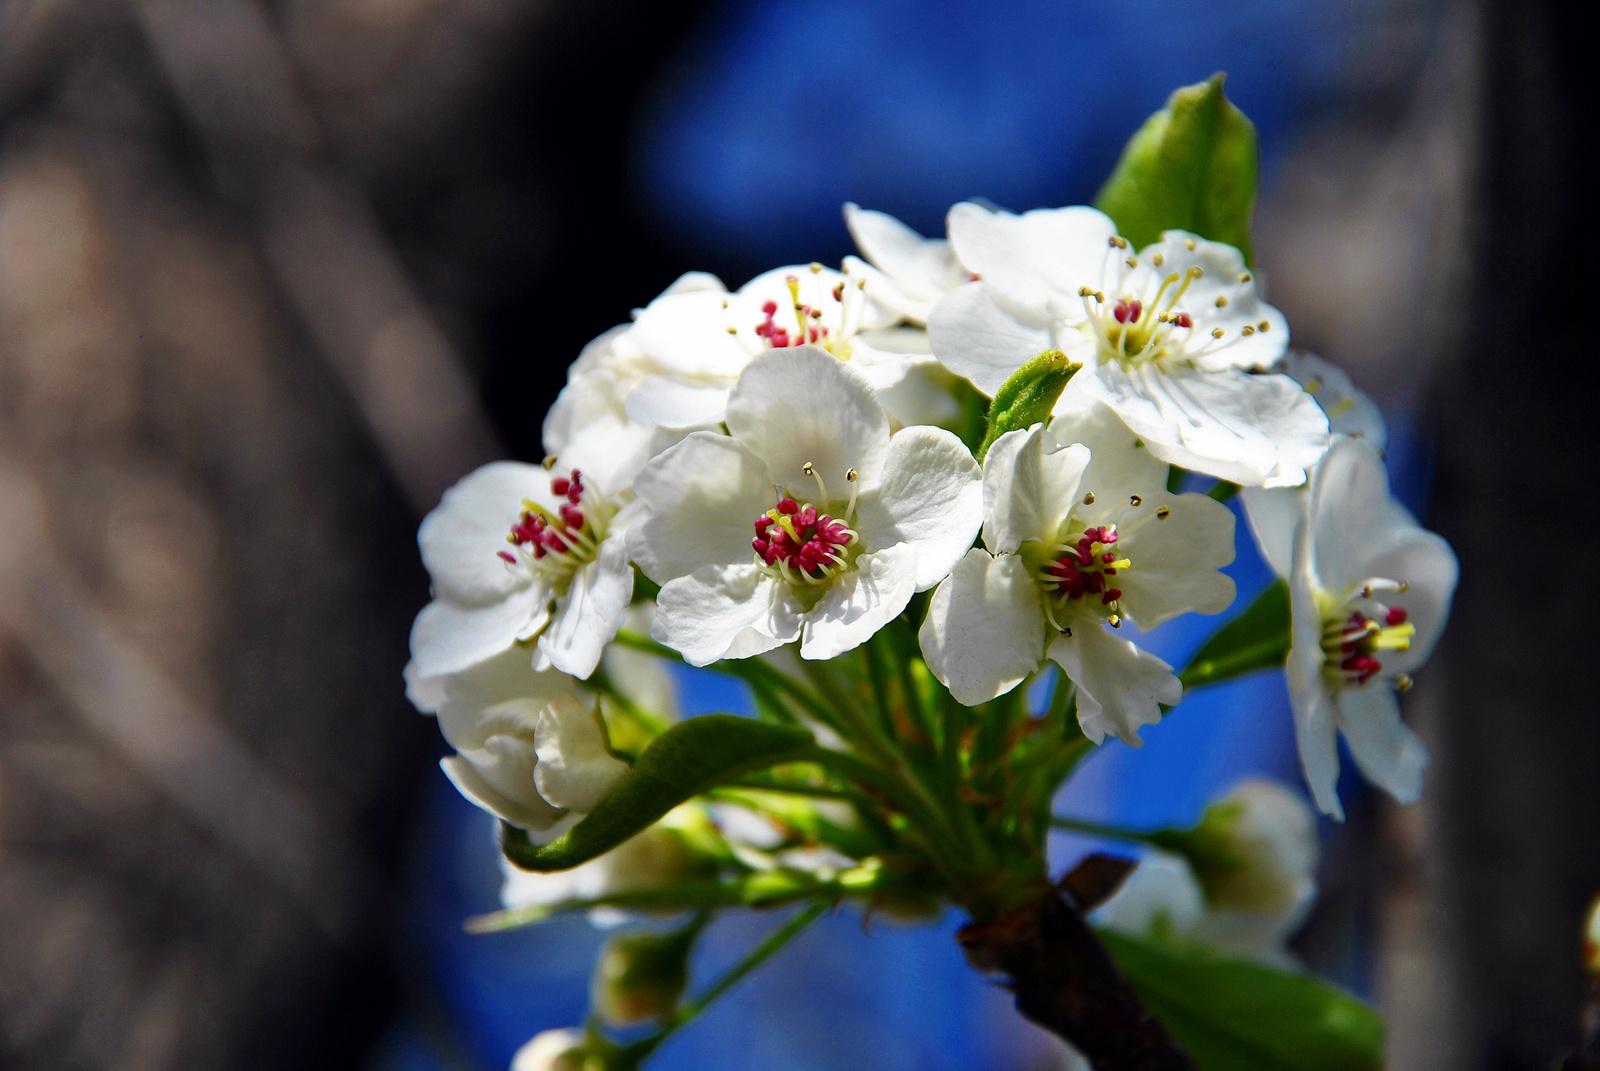 Virágnyílás idején